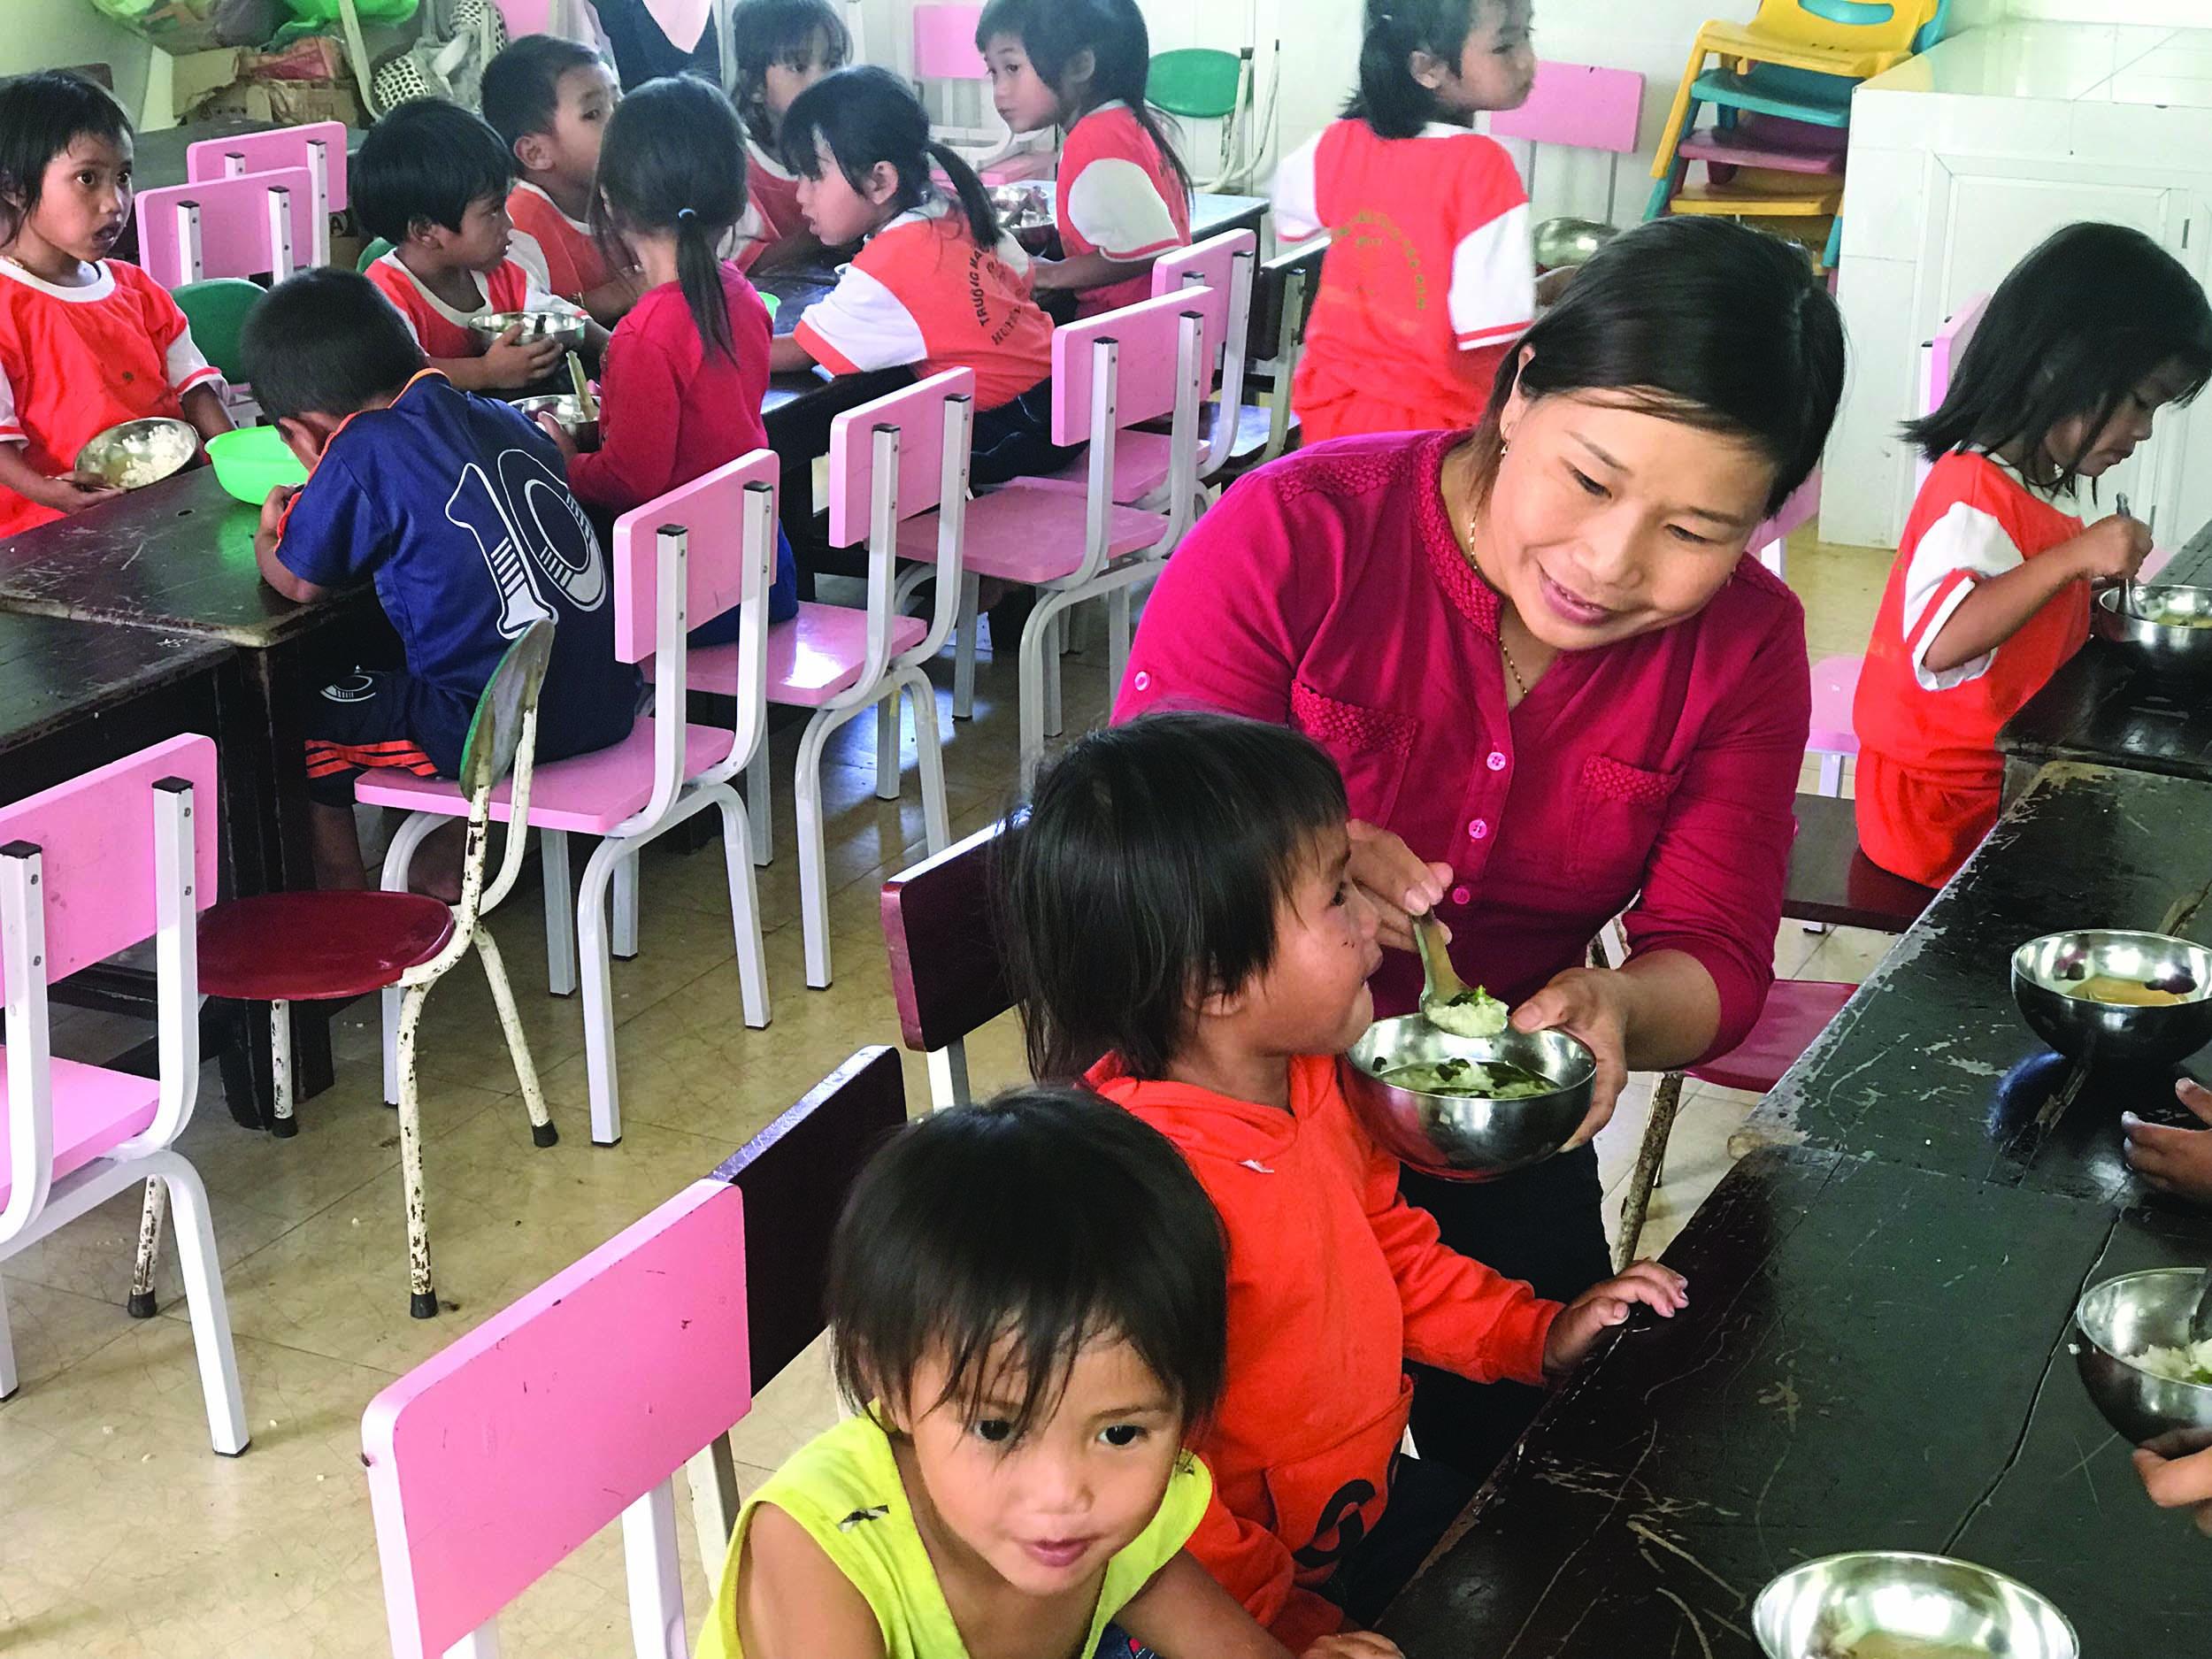 Cần sự chung tay vào cuộc của toàn xã hội để trẻ em được sống trong môi trường an toàn, lành mạnh.